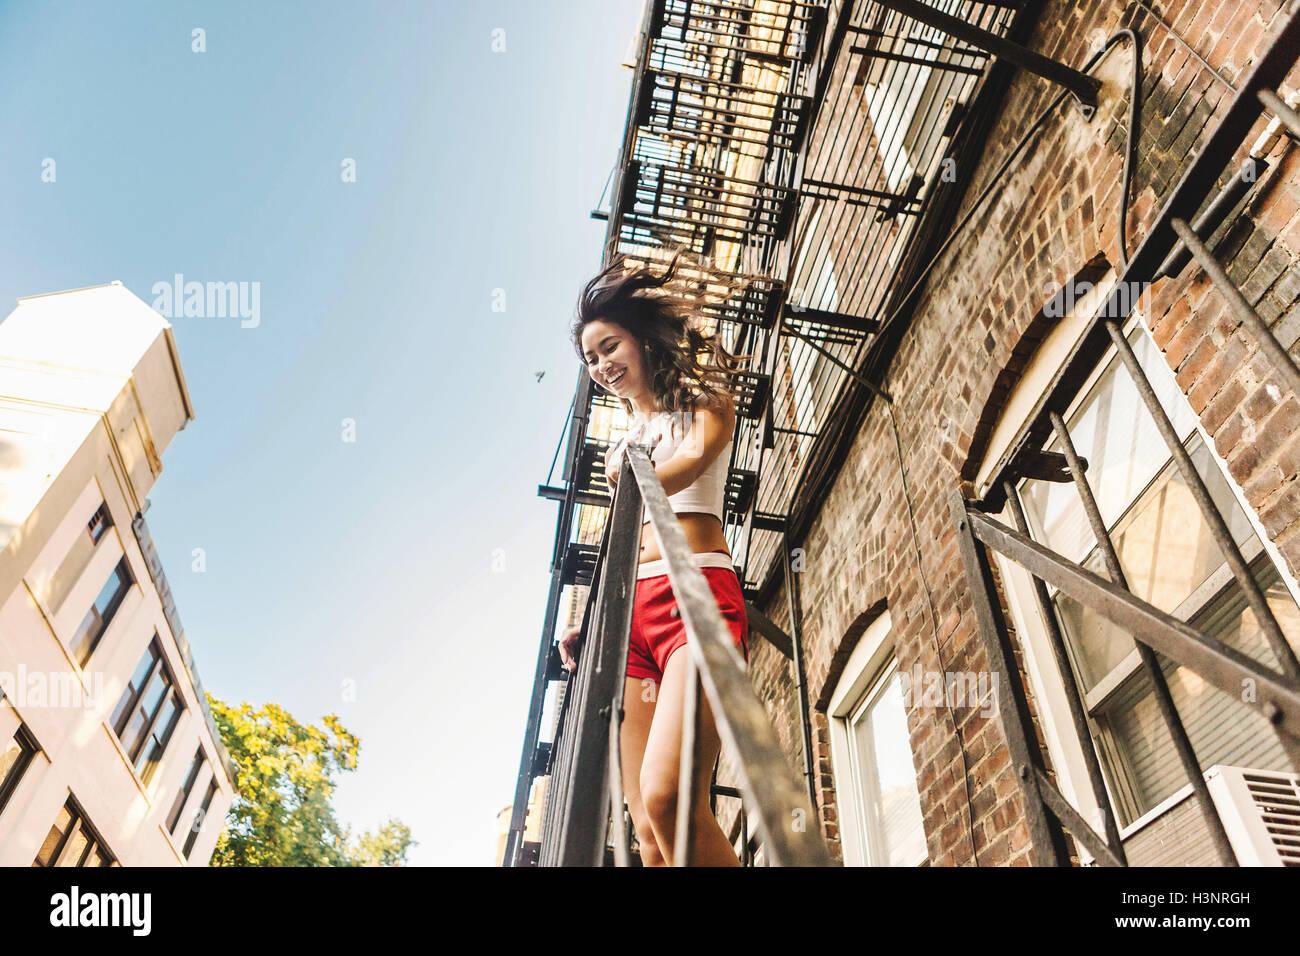 Apartment Building Fire Escape Ladder woman climbing fire escape ladder of apartment building, boston